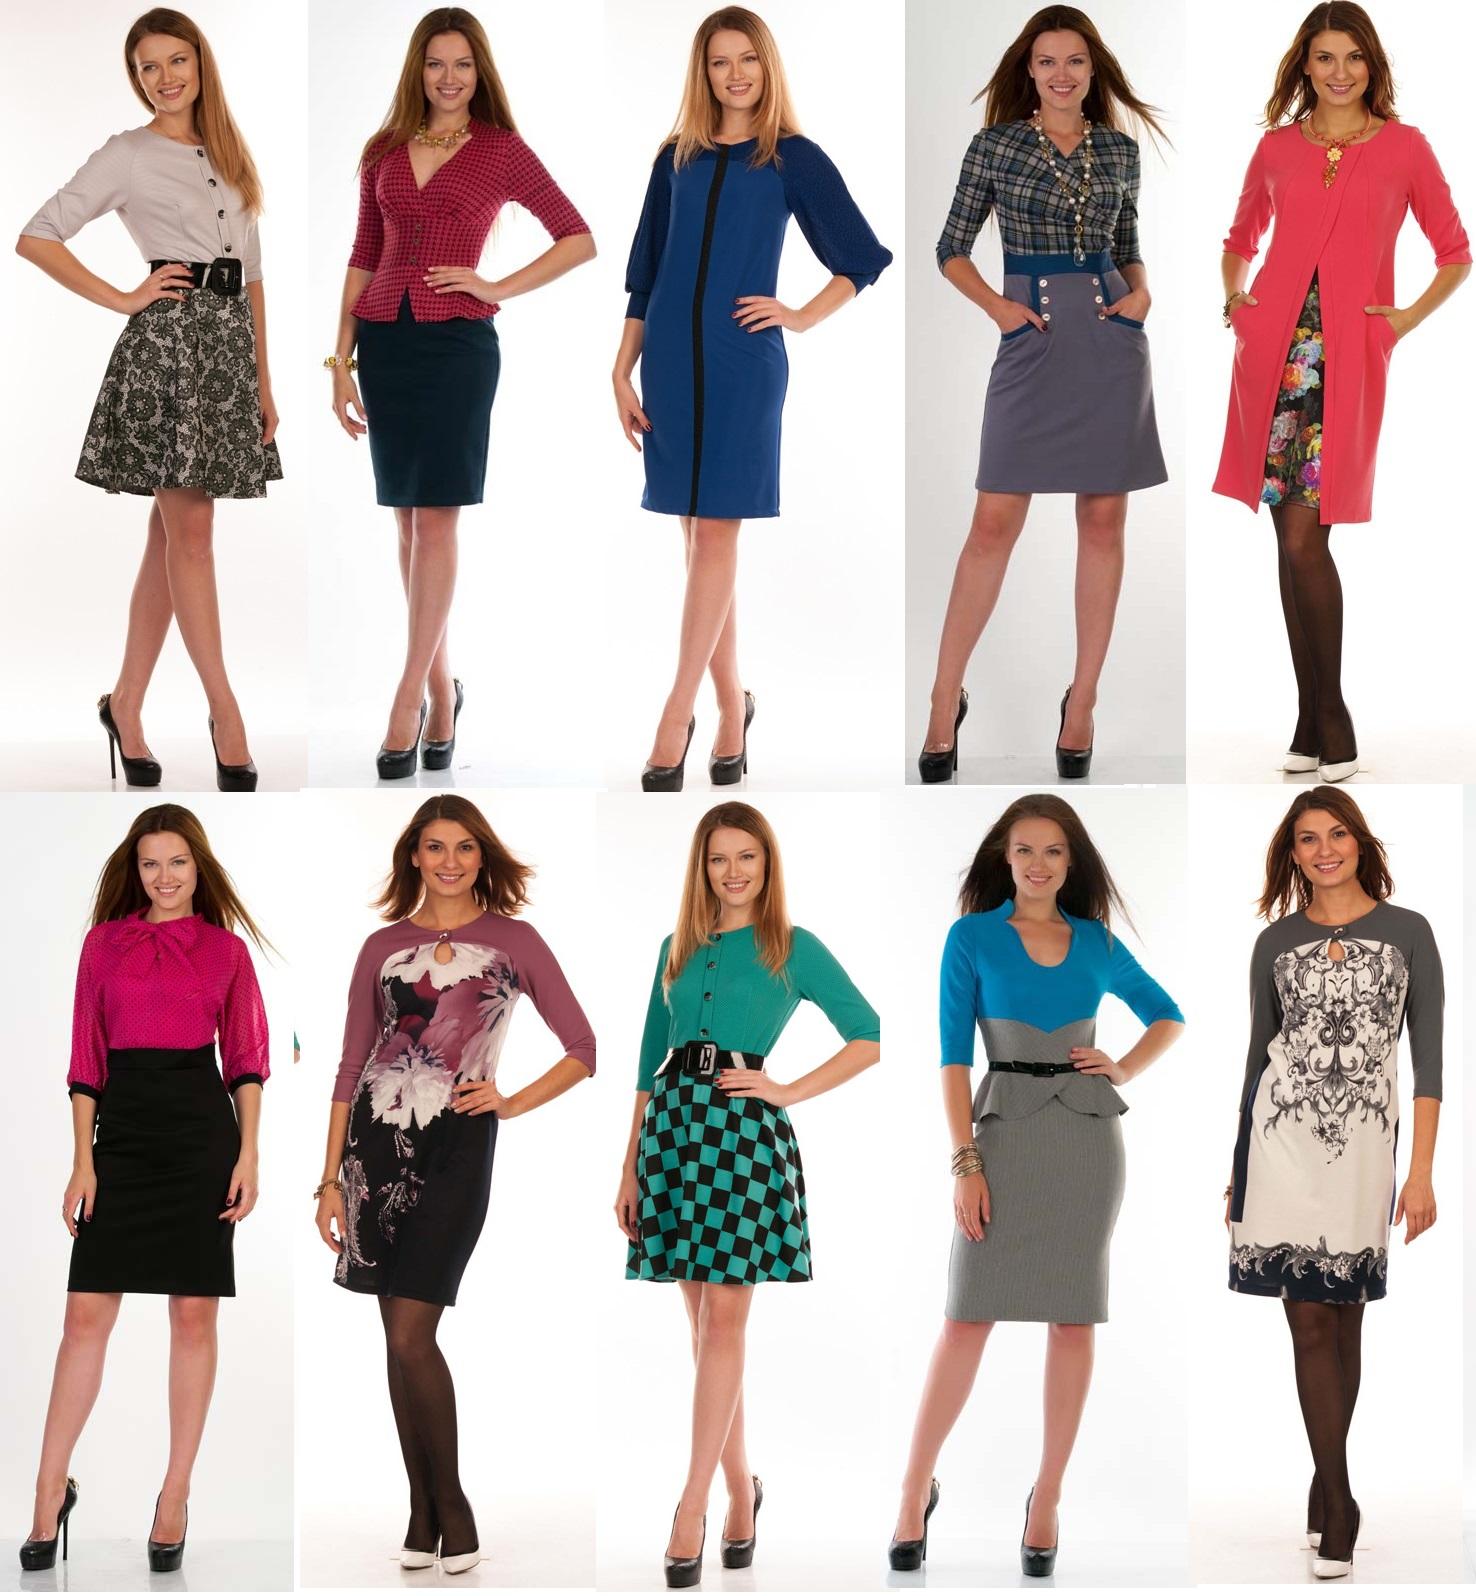 Деловое, праздничное, повседневное - платье на любой вкус 9! Распродажа летней коллекции! До 58 размера - всегда хорошее наличие! Без рядов!